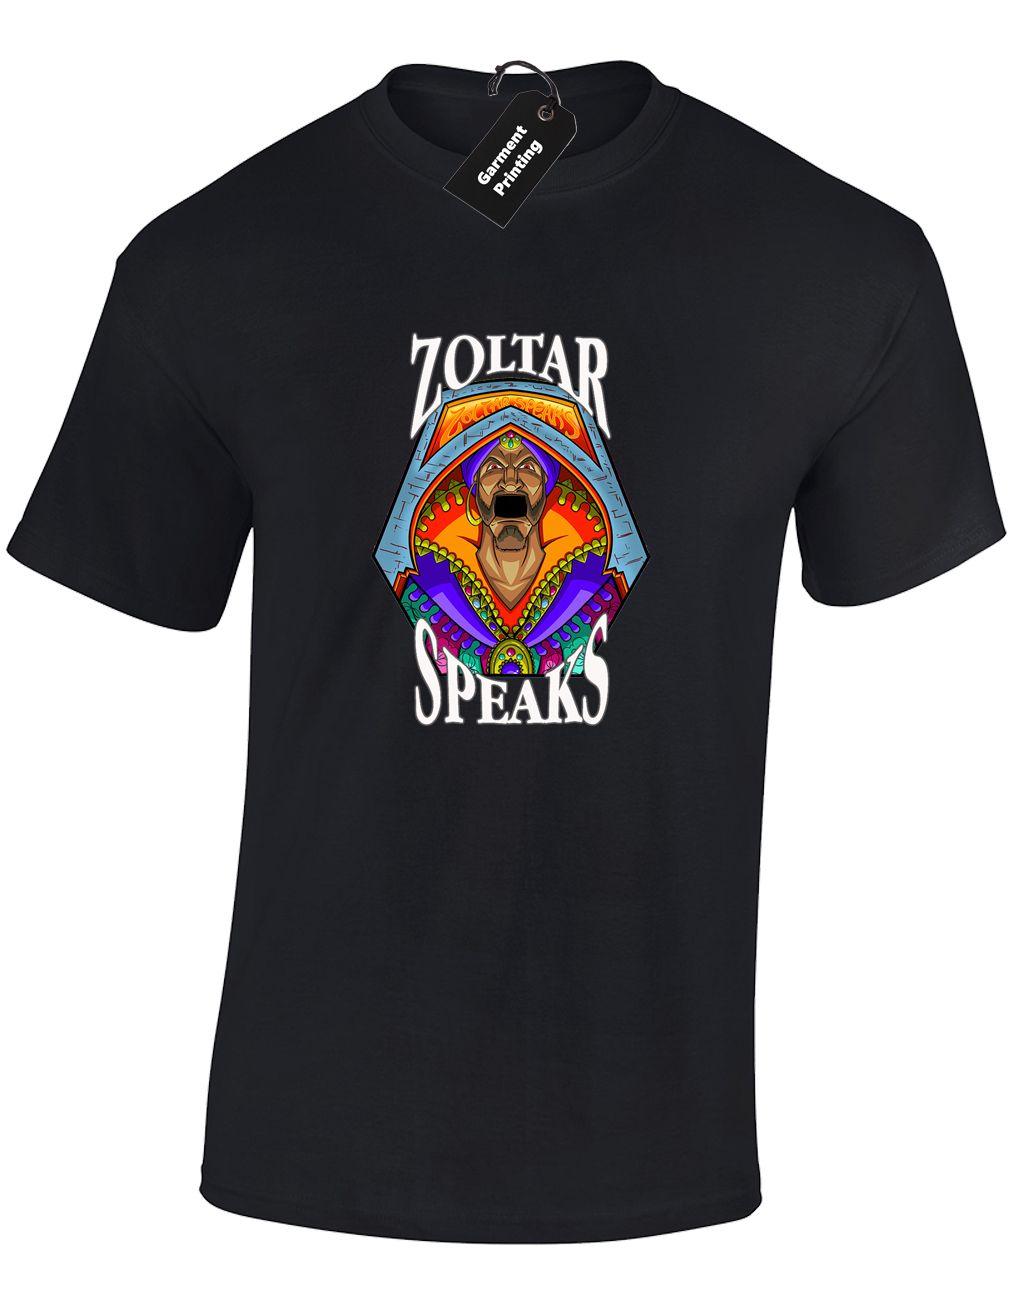 Zoltar PARLA Mens T-SHIRT DIVERTENTI GRANDE TOM RETRO design classico HANKS barzelletta (COL) freddo casuale orgoglio uomini della maglietta unisex di nuovo modo